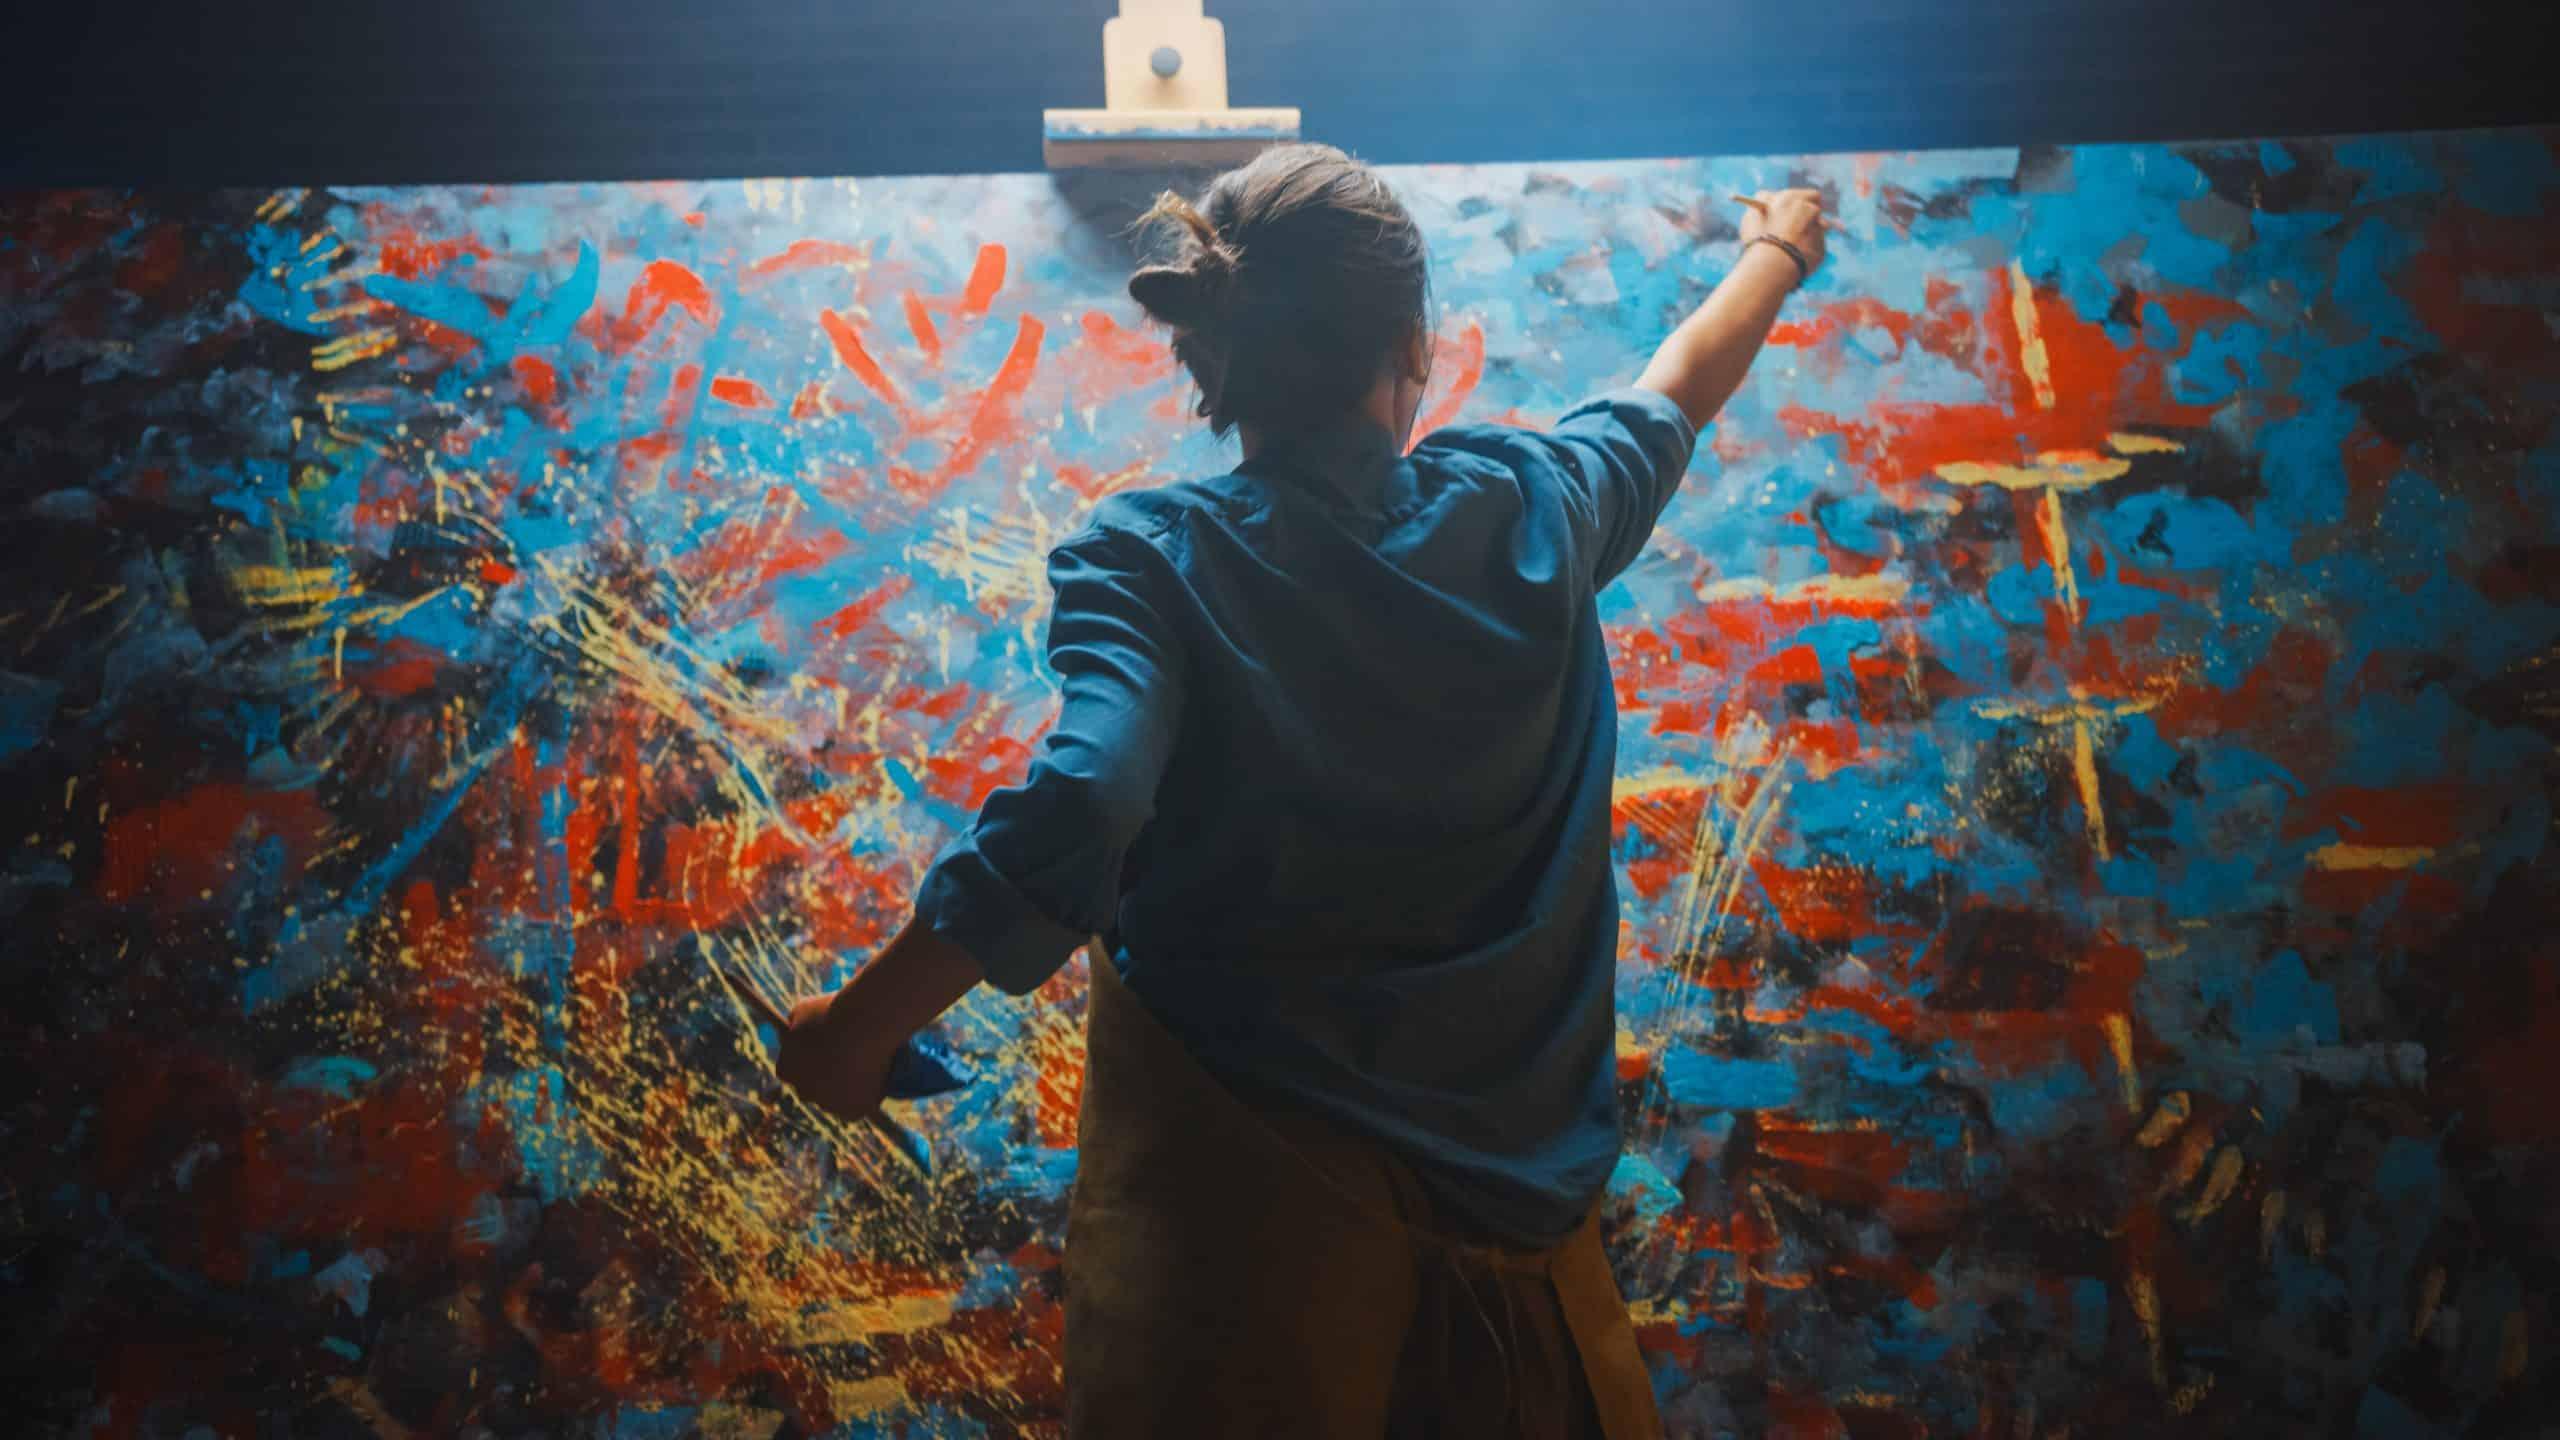 Femme qui peint une toile abstraite